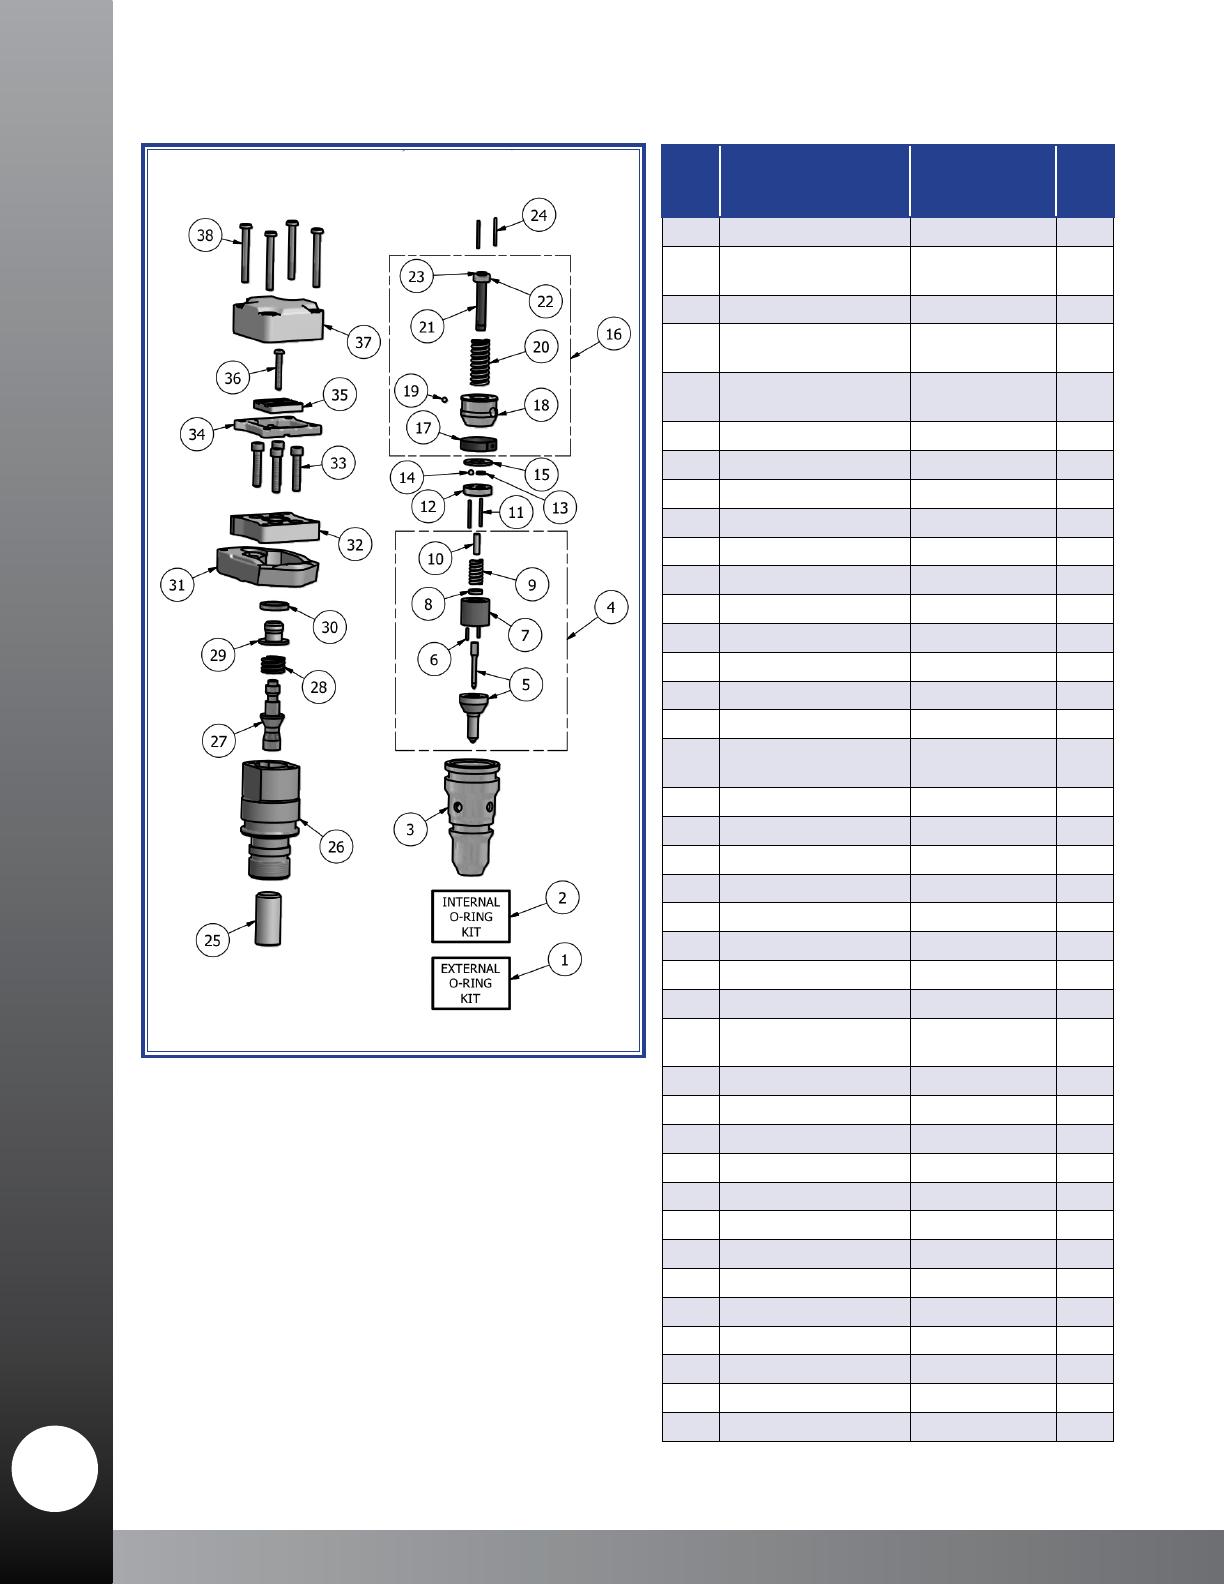 230st Navistar Catalog 2014 Ht 570 Engine Diagram 30